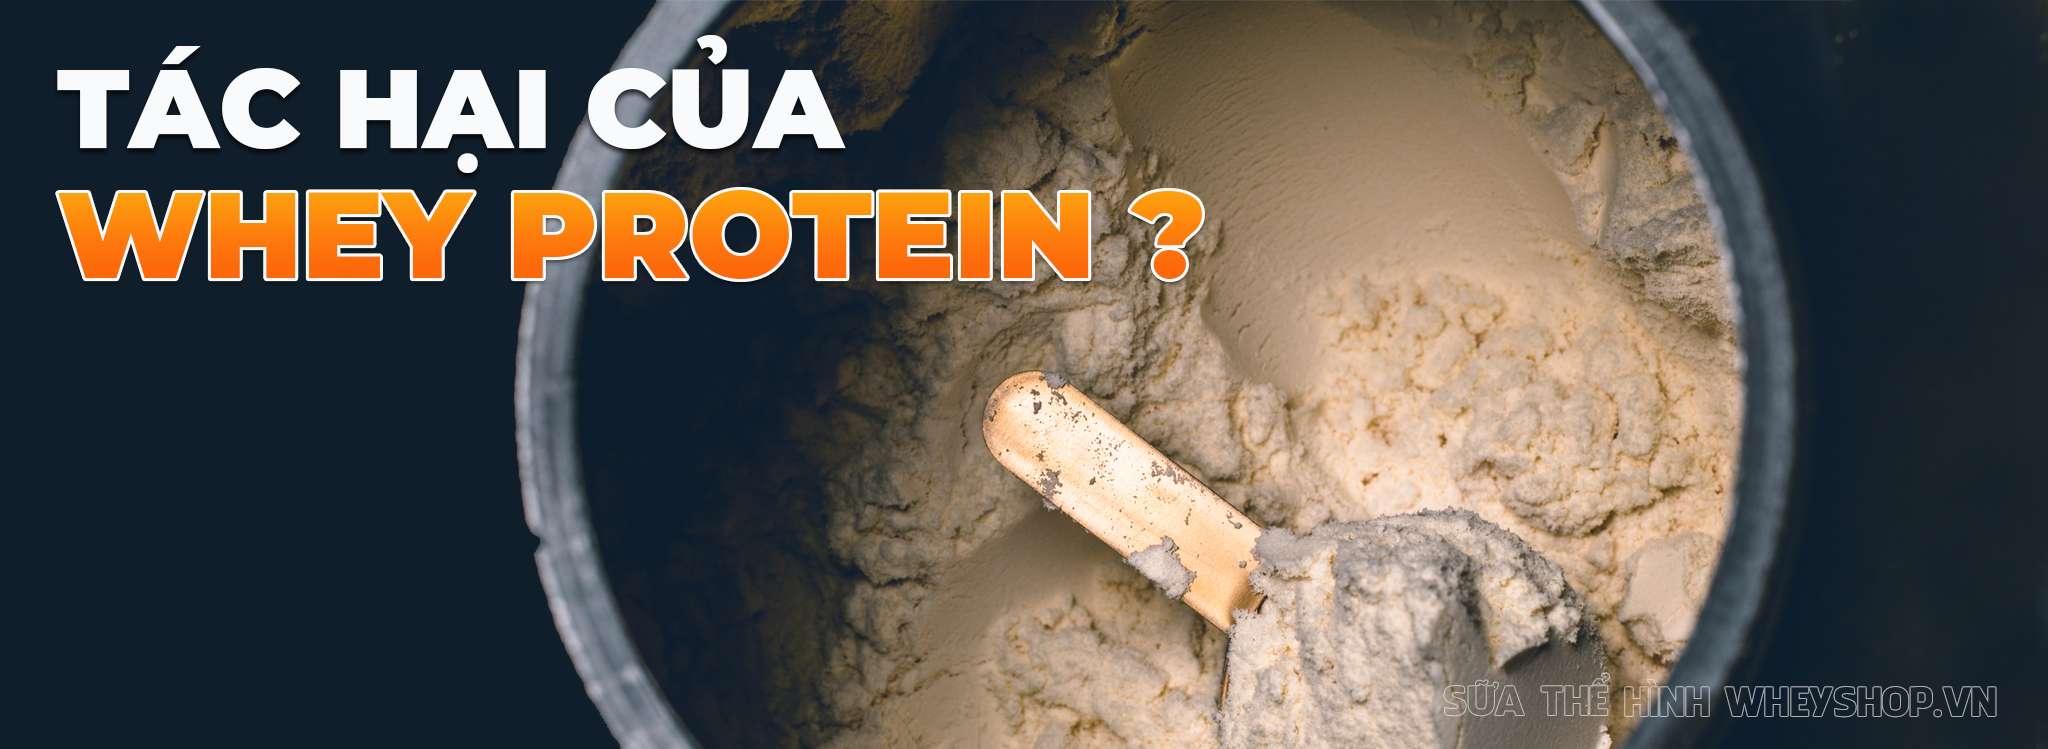 tac hai cua whey protein ban nen biet